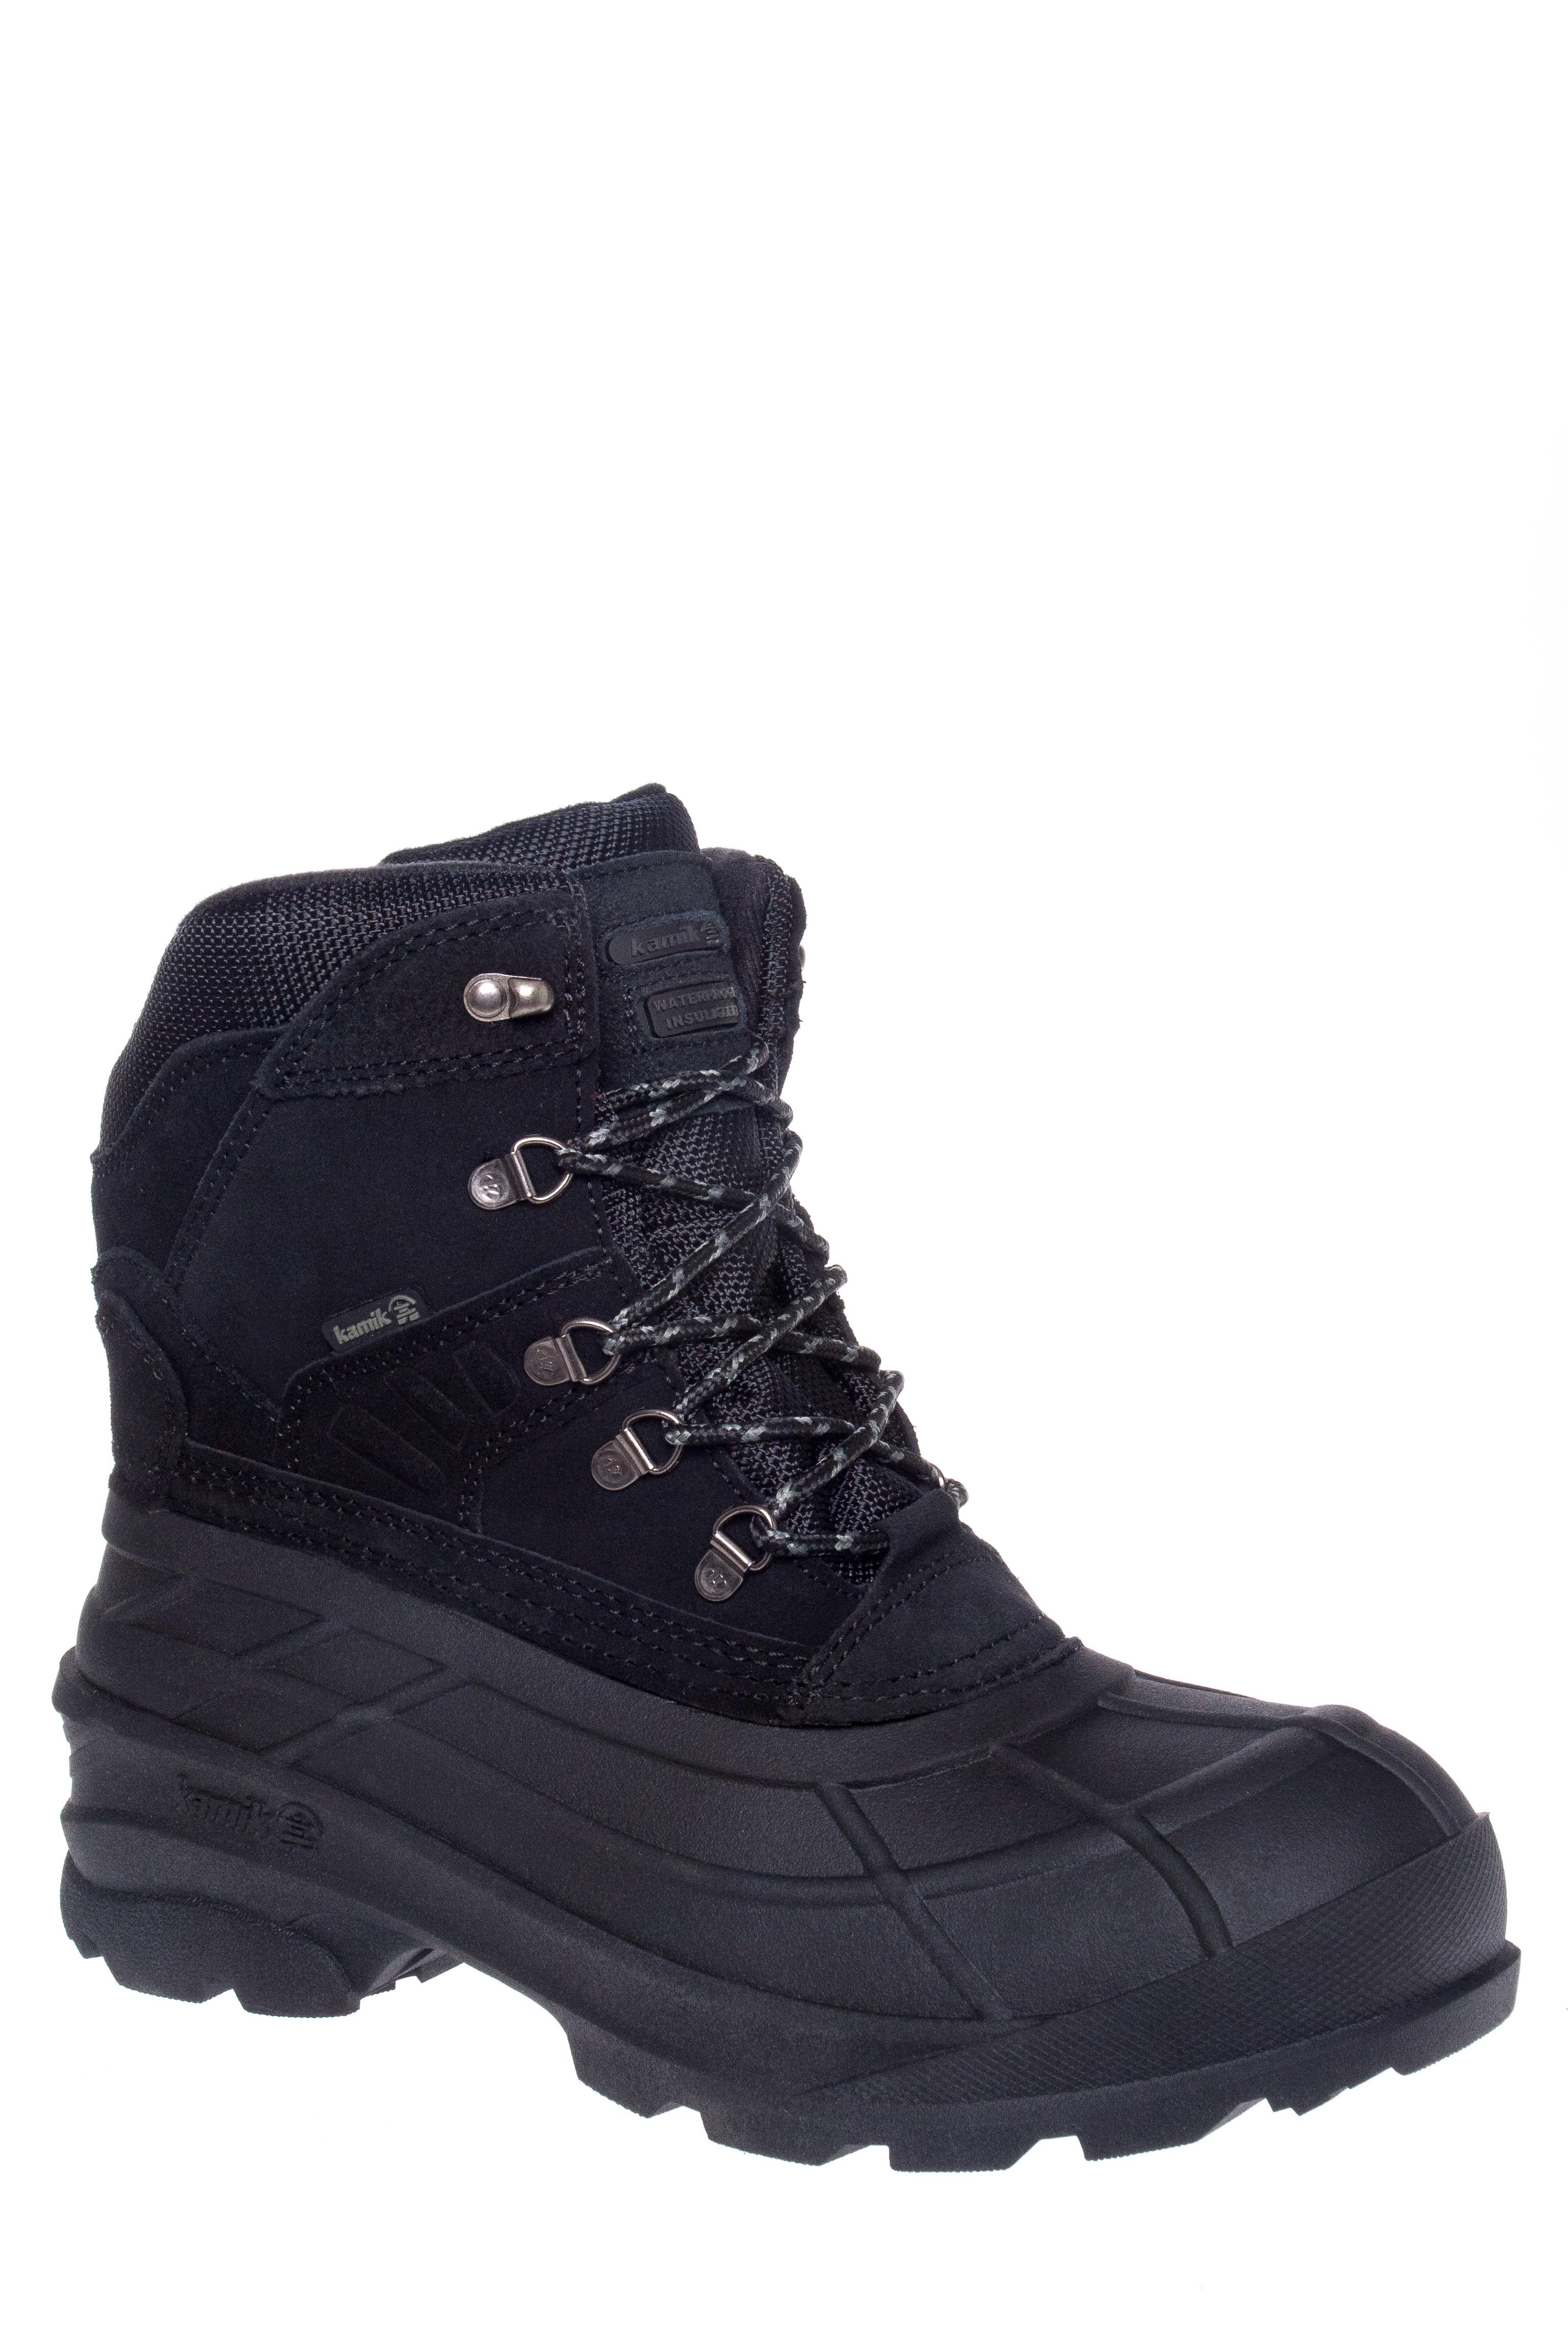 Kamik Fargo Lace-Up Snow Boots - Black